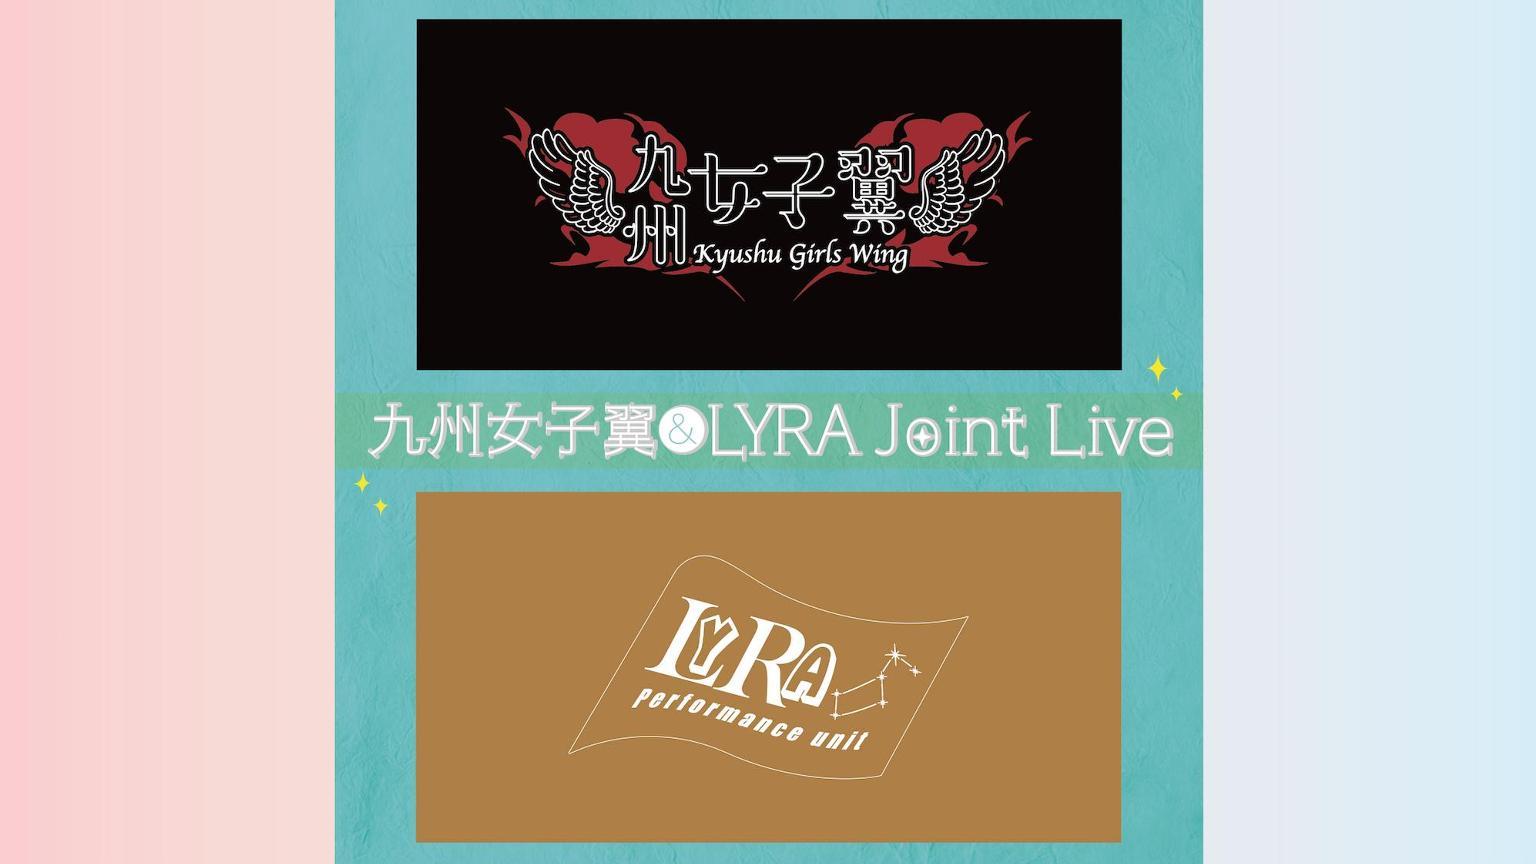 【九州女子翼&LYRA Joint Live】配信用ルーム